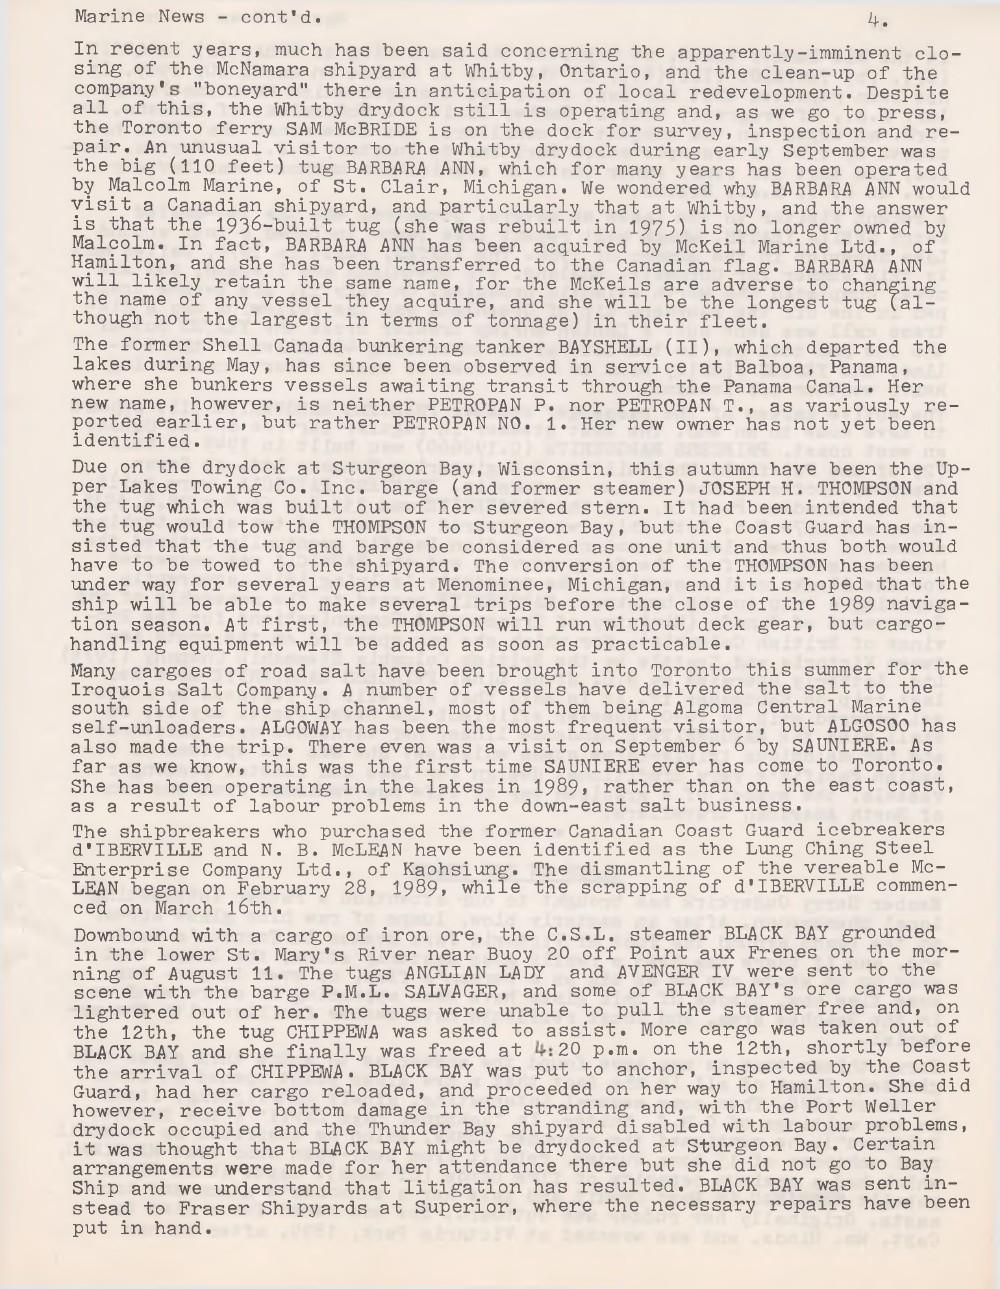 Scanner, v. 22, no. 1 (October 1989)